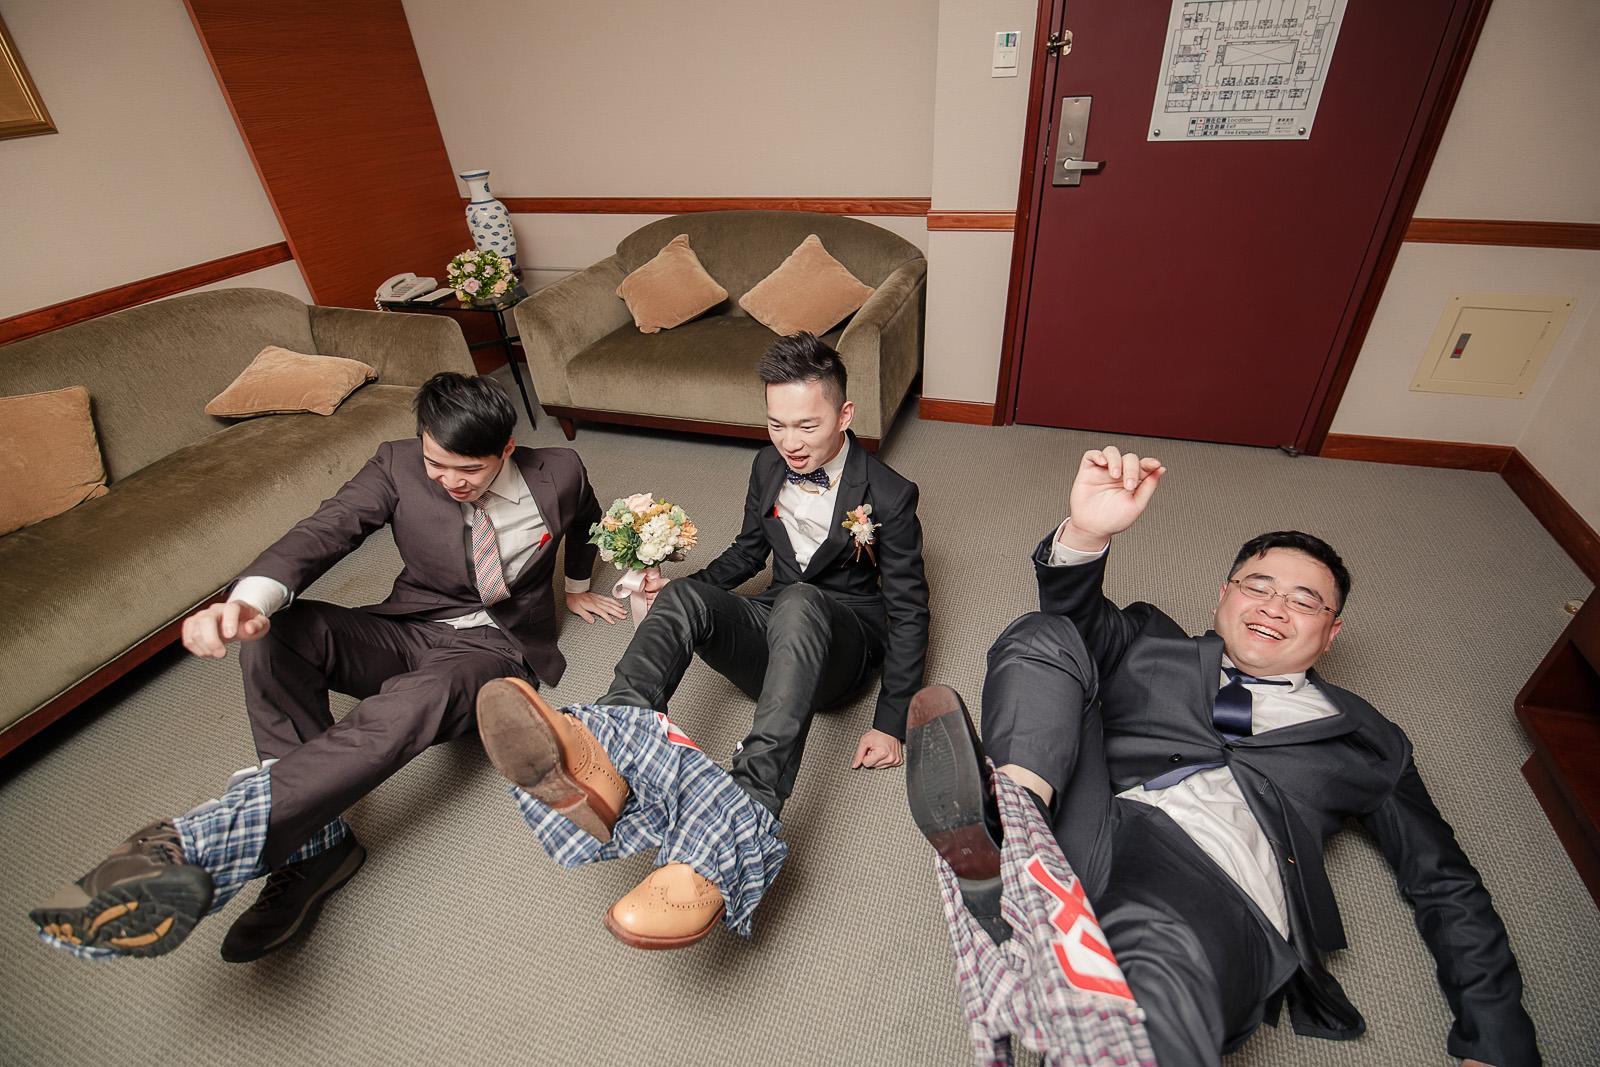 高雄圓山飯店,婚禮攝影,婚攝,高雄婚攝,優質婚攝推薦,Jen&Ethan-119